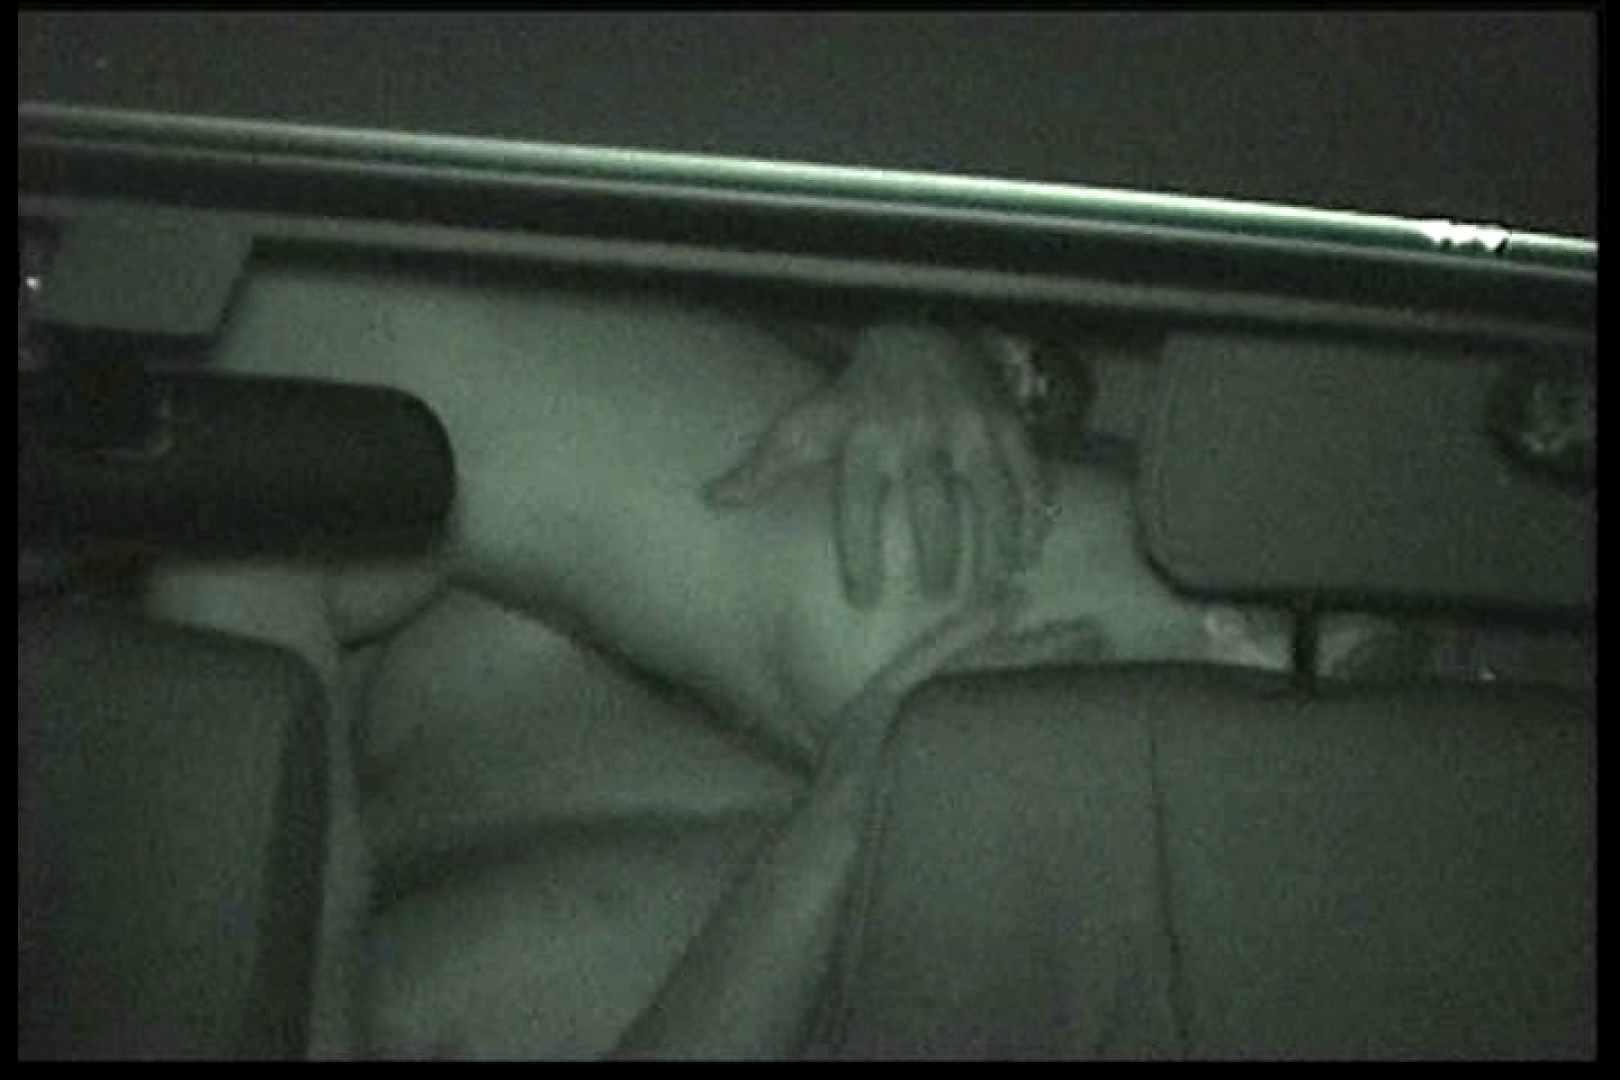 車の中はラブホテル 無修正版  Vol.14 ホテル隠し撮り すけべAV動画紹介 77pic 47